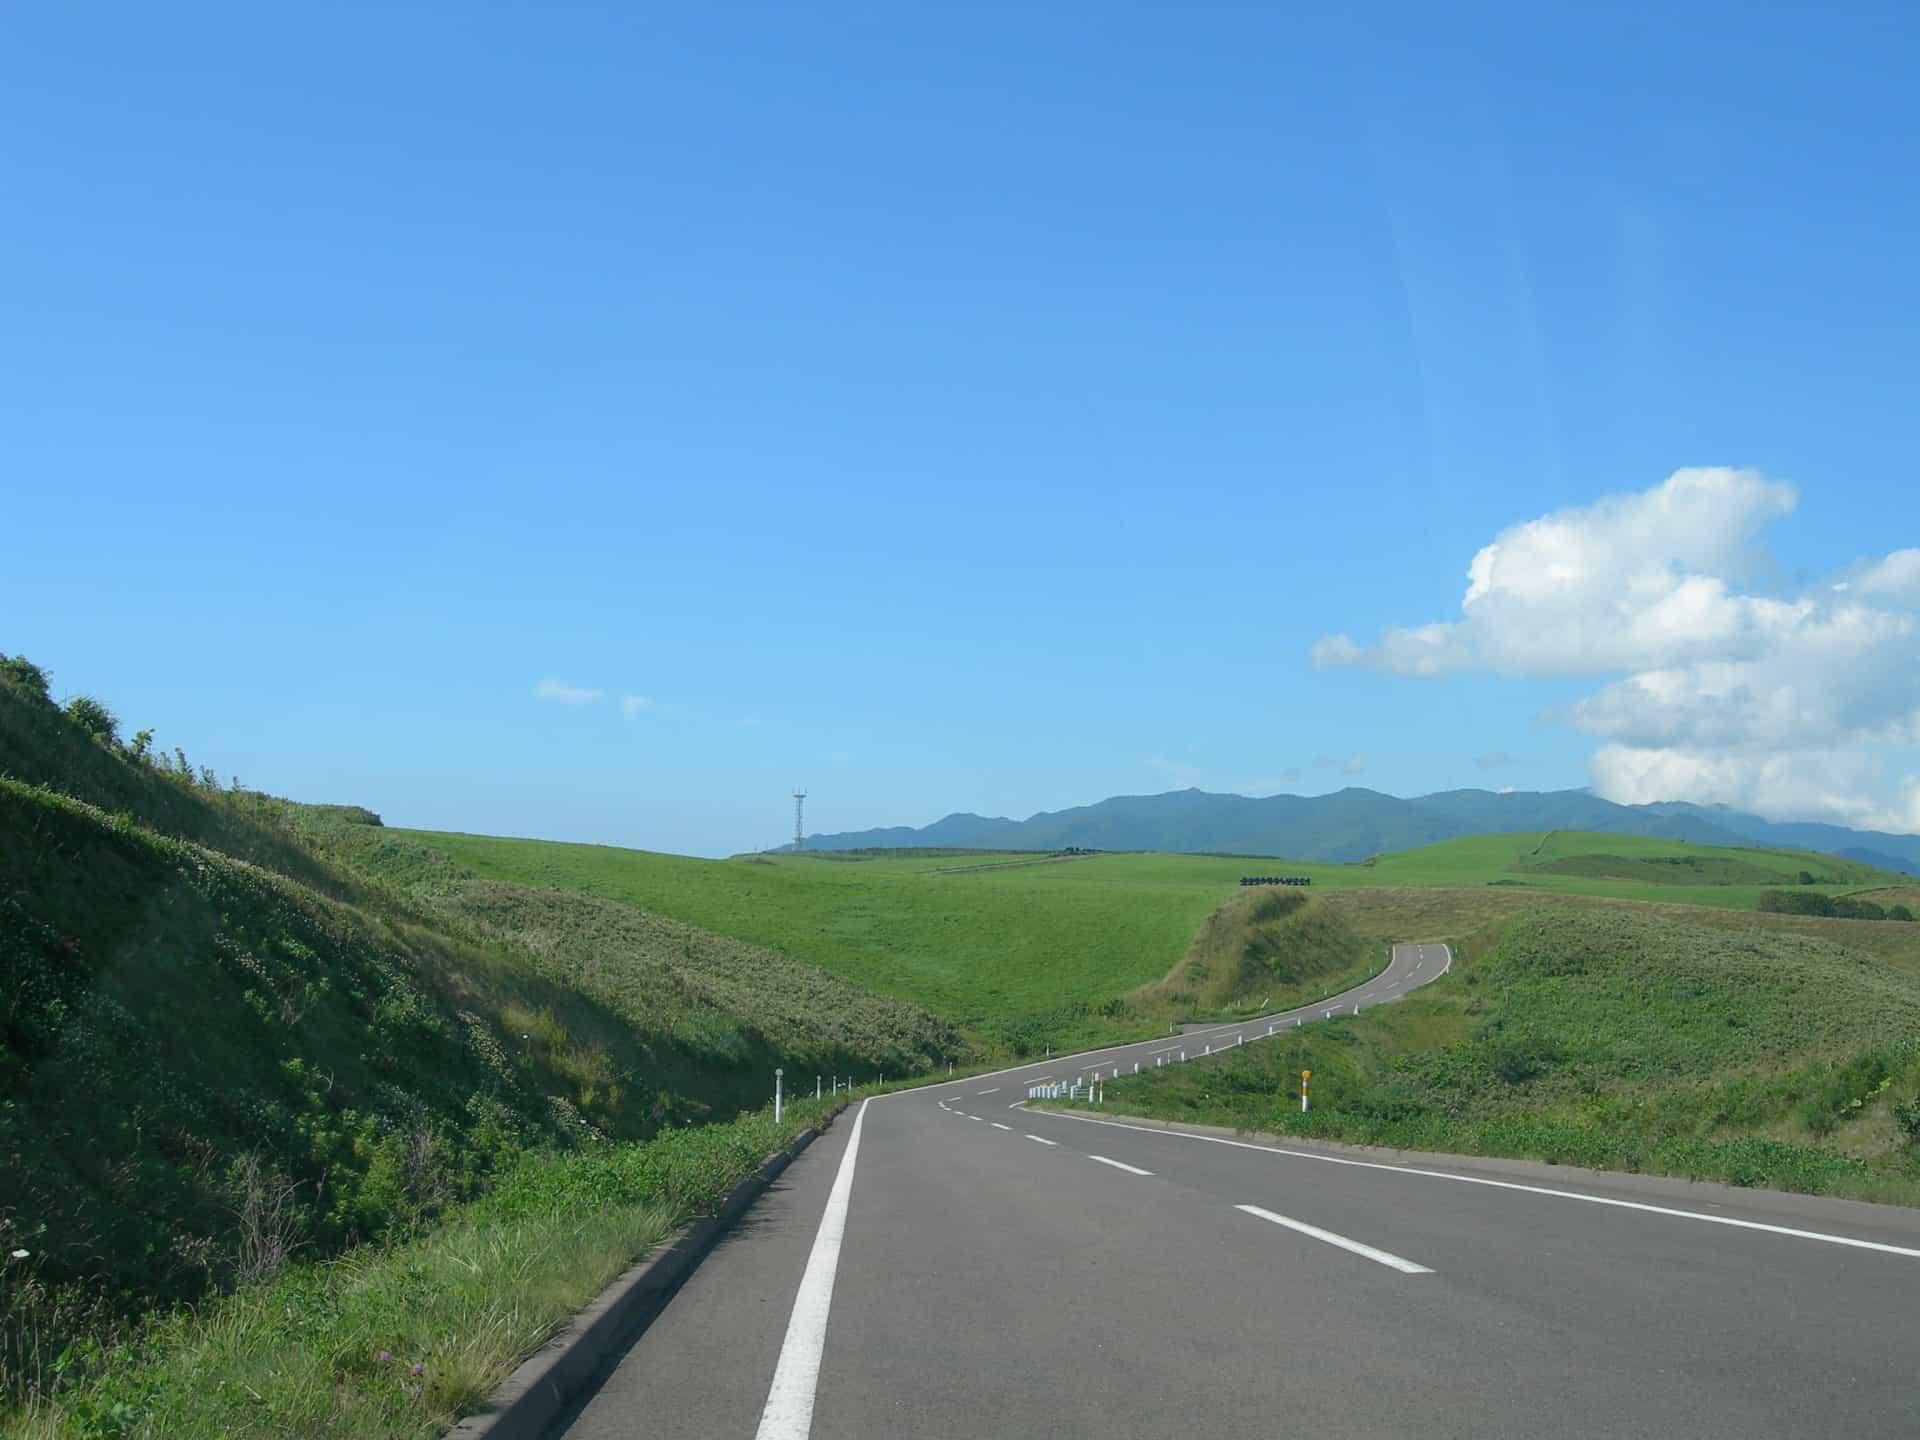 札幌から日帰りドライブで楽しめそうな場所をピックアップ